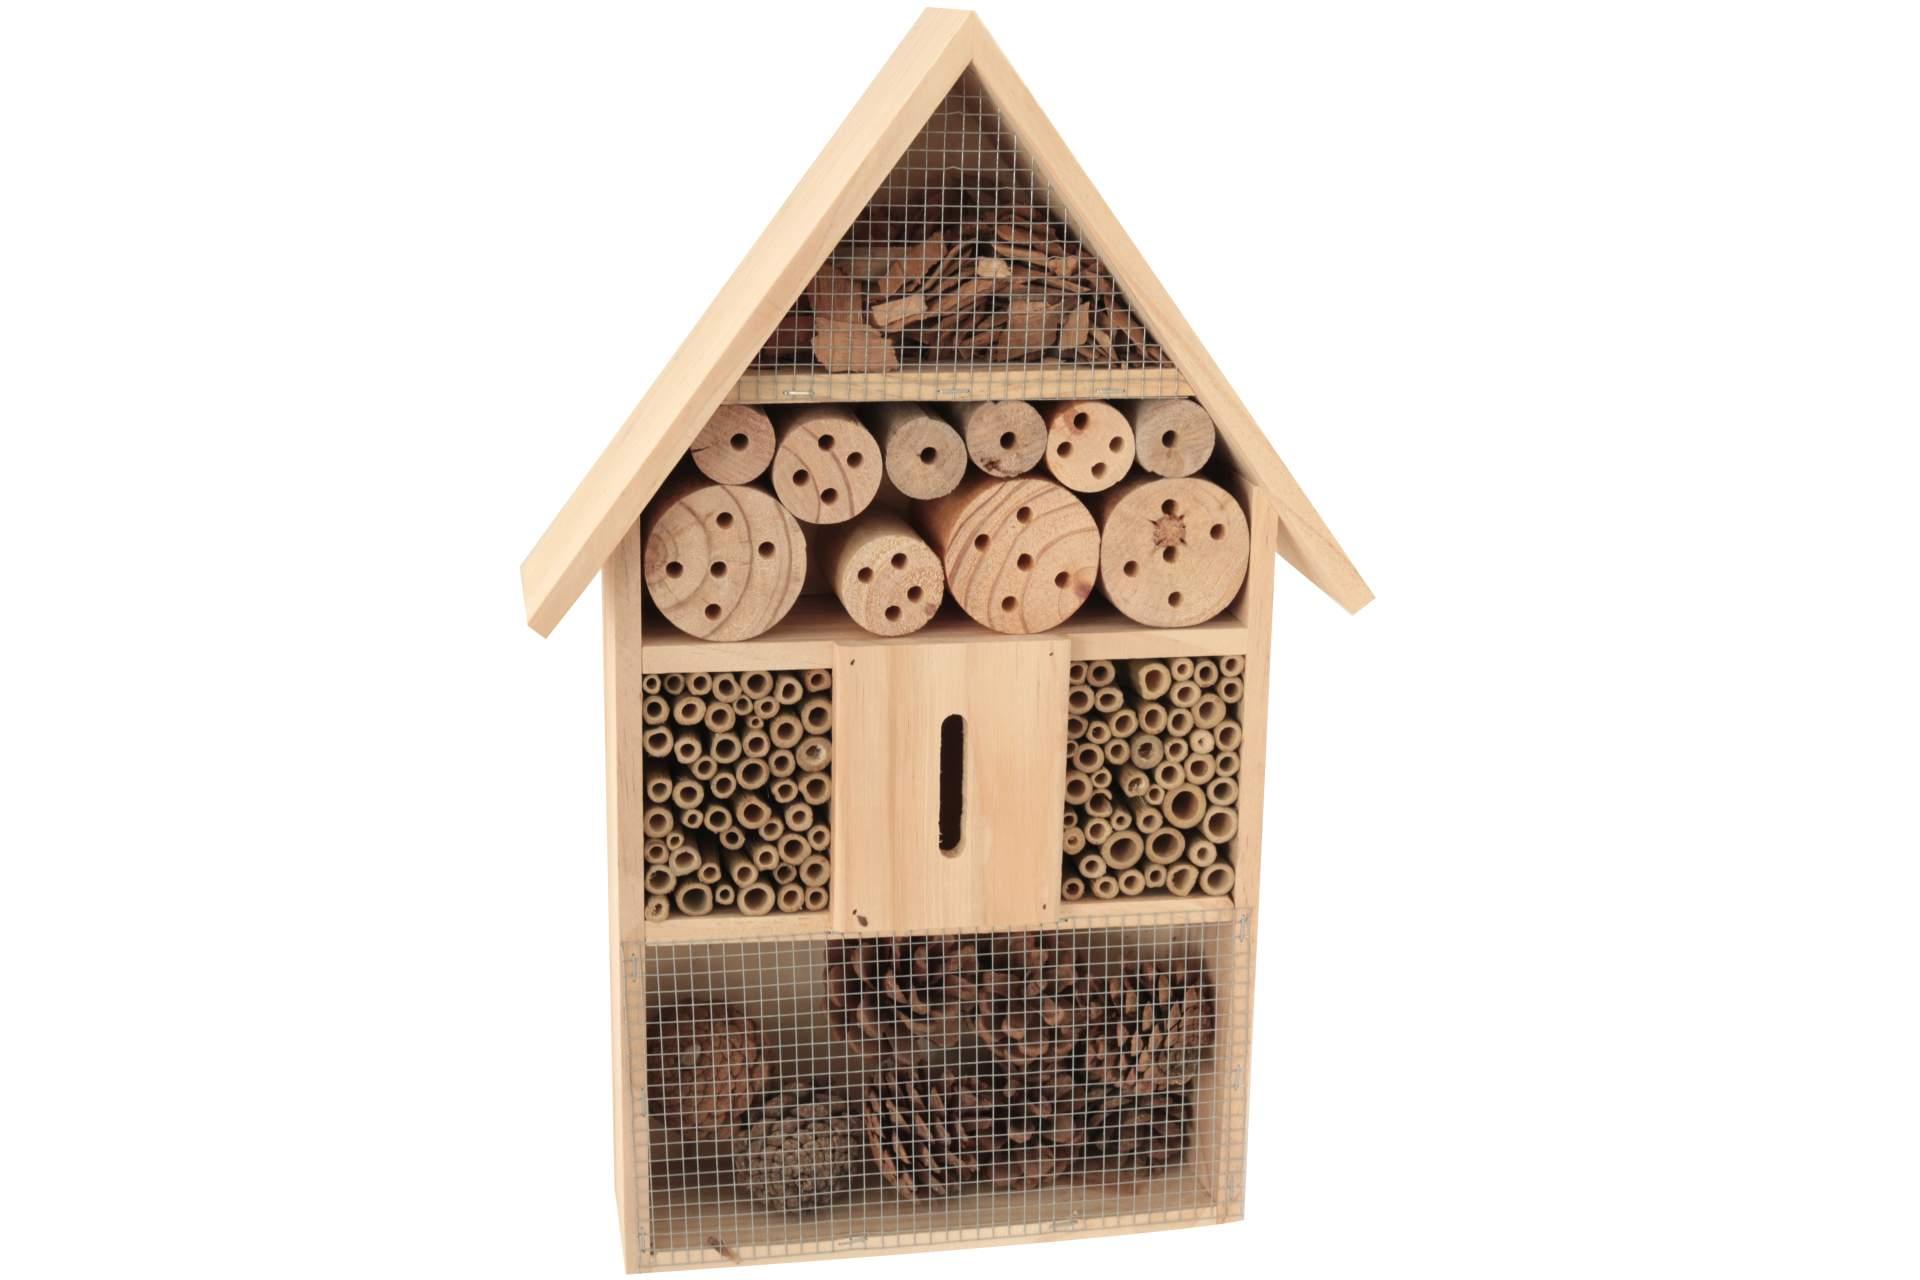 2x Insektenhaus Insektenhotel Brutkasten Nistkasten Insekten Bienen 25 cm Neu